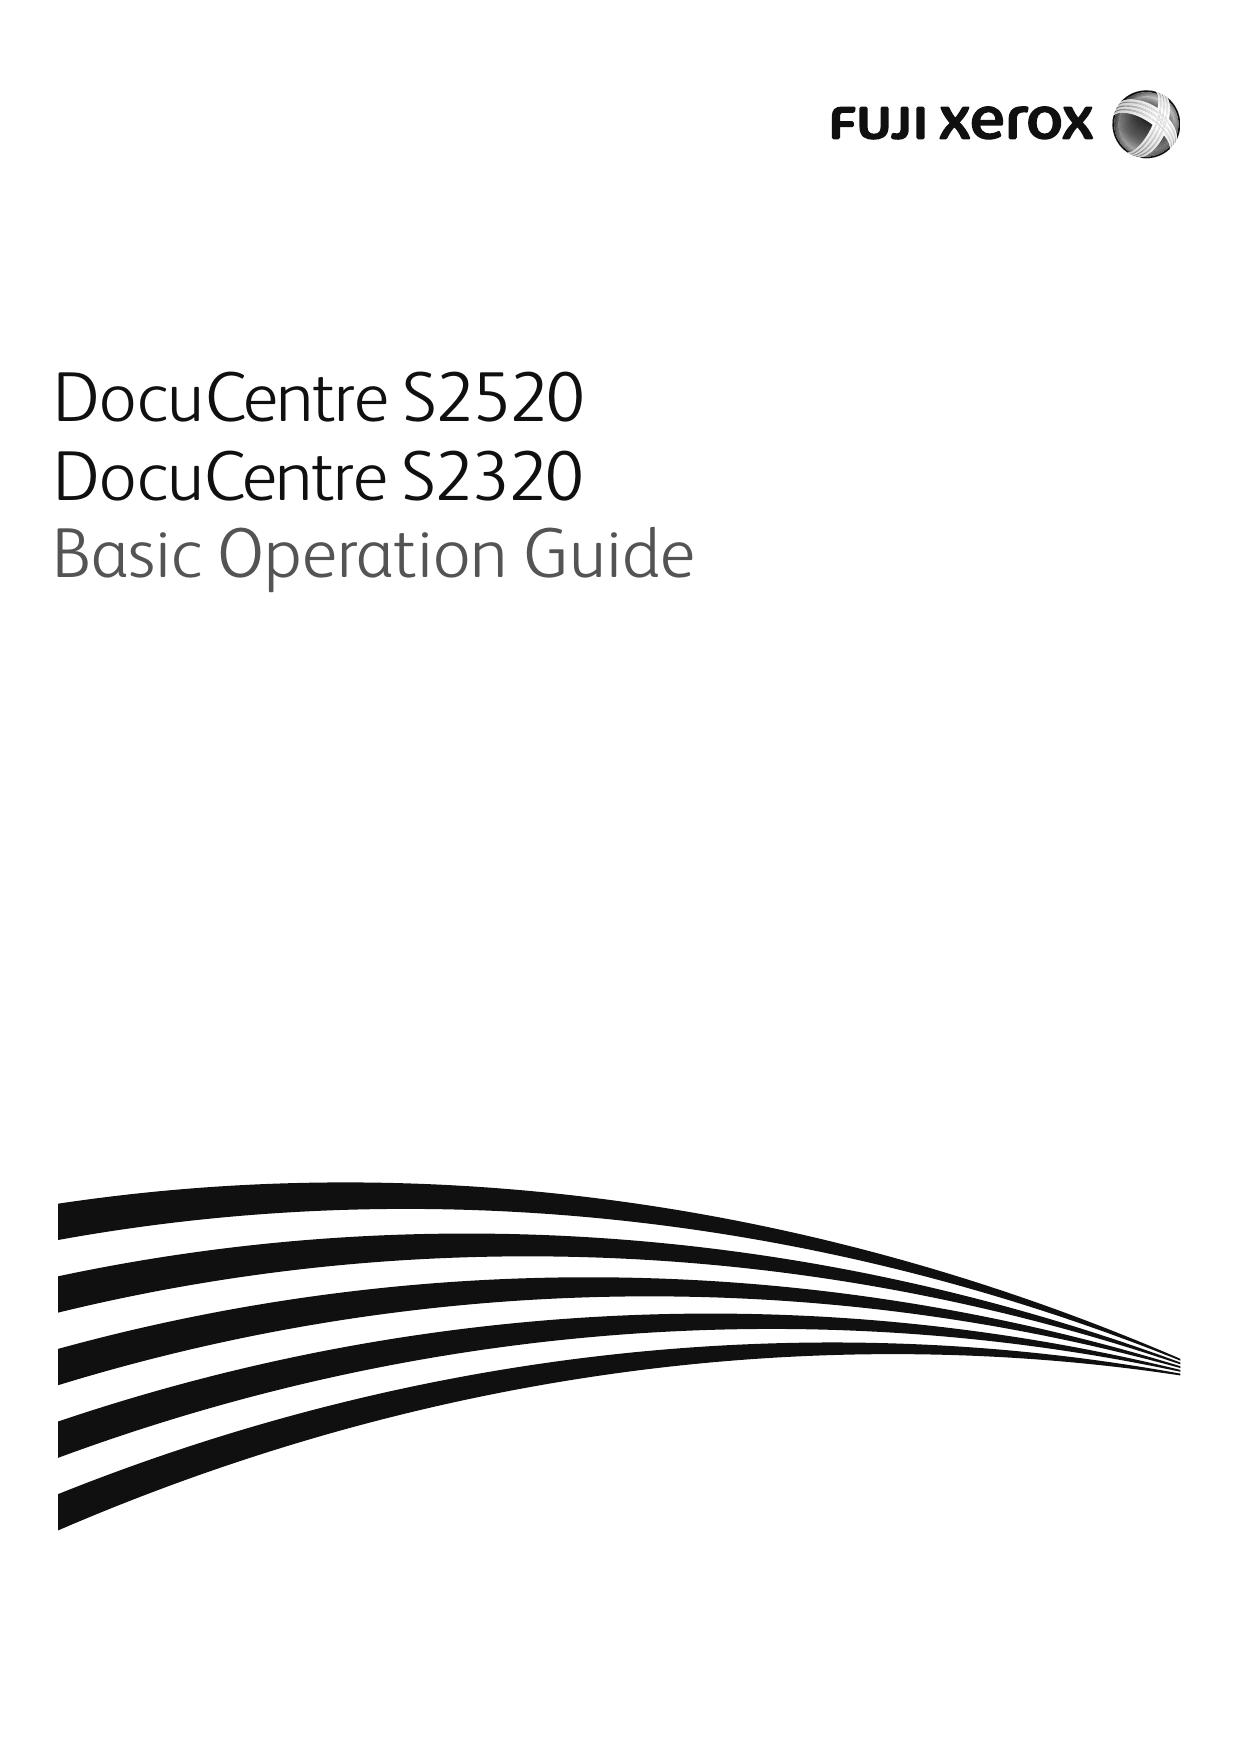 DocuCentre S2520/S2320 Basic Operation Guide   manualzz com